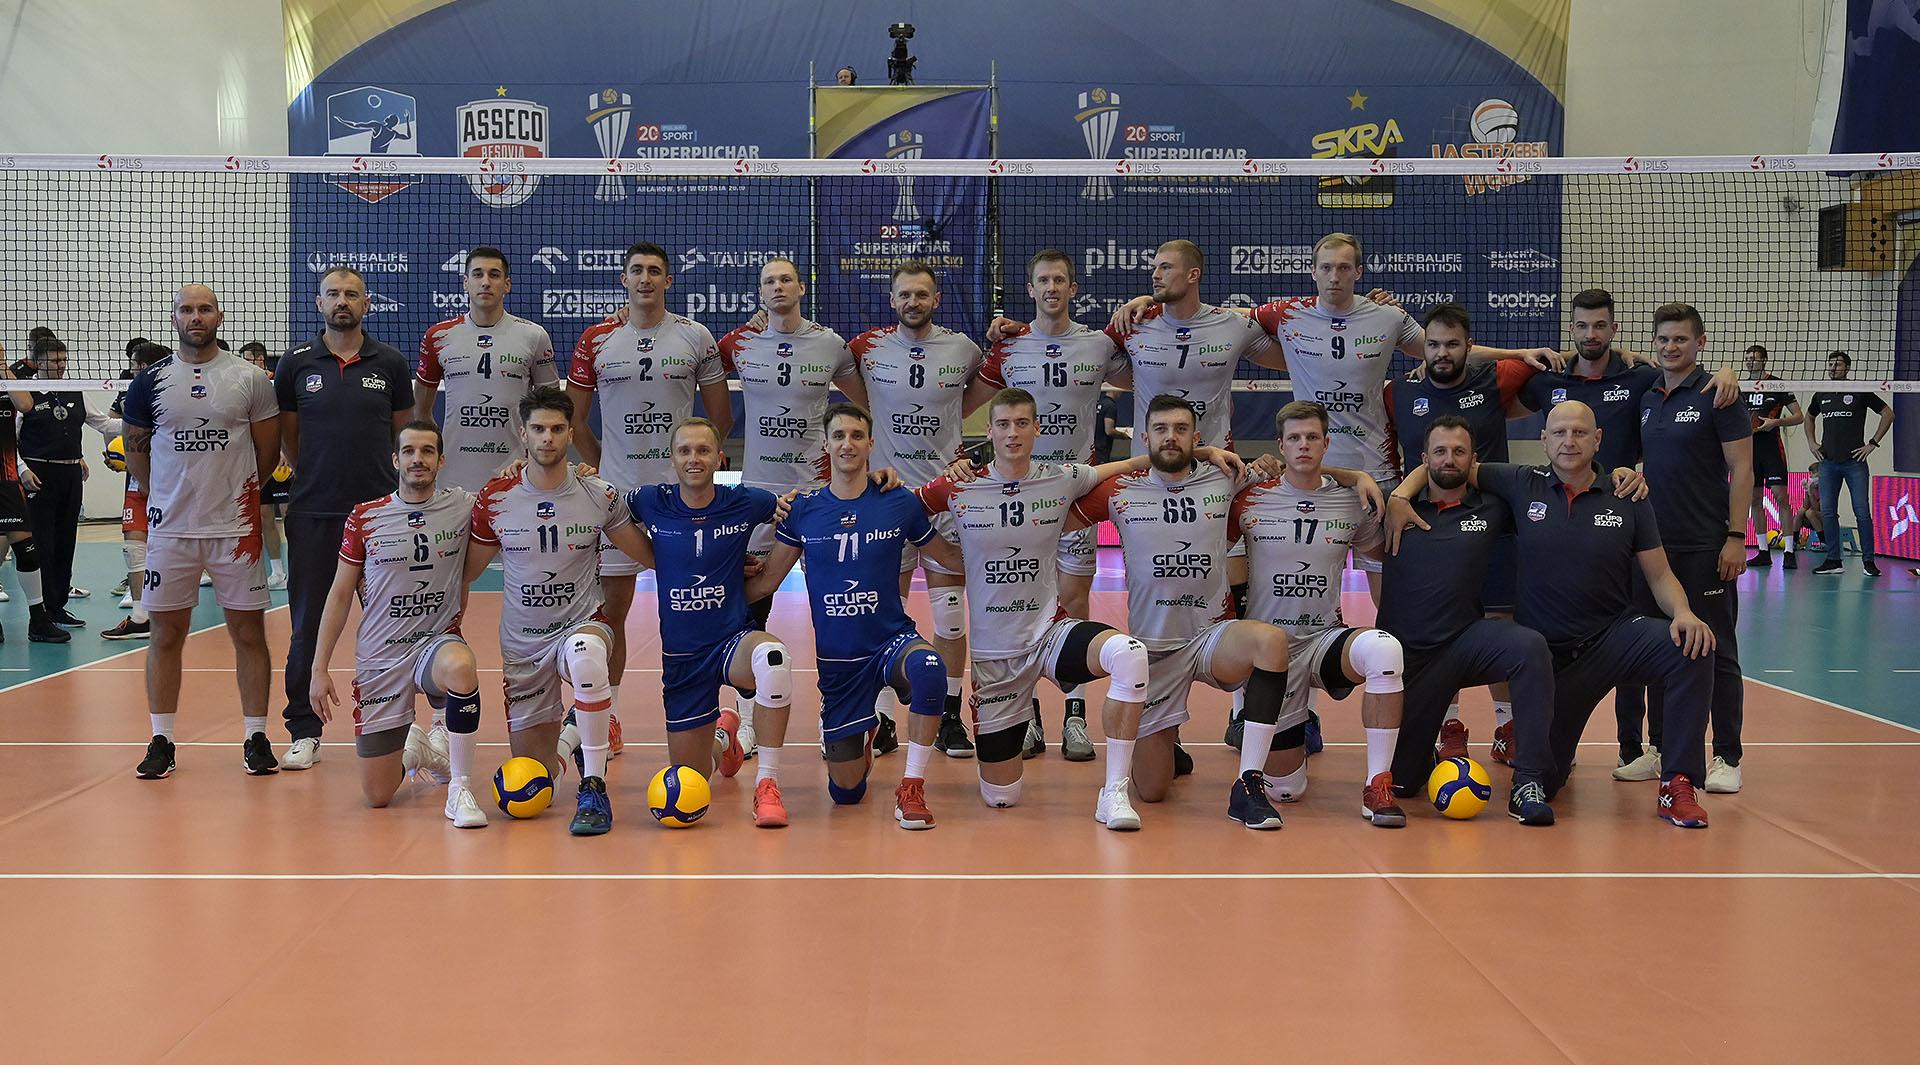 Superpuchar Mistrzów Polski 2020: ZAKSA w finale!